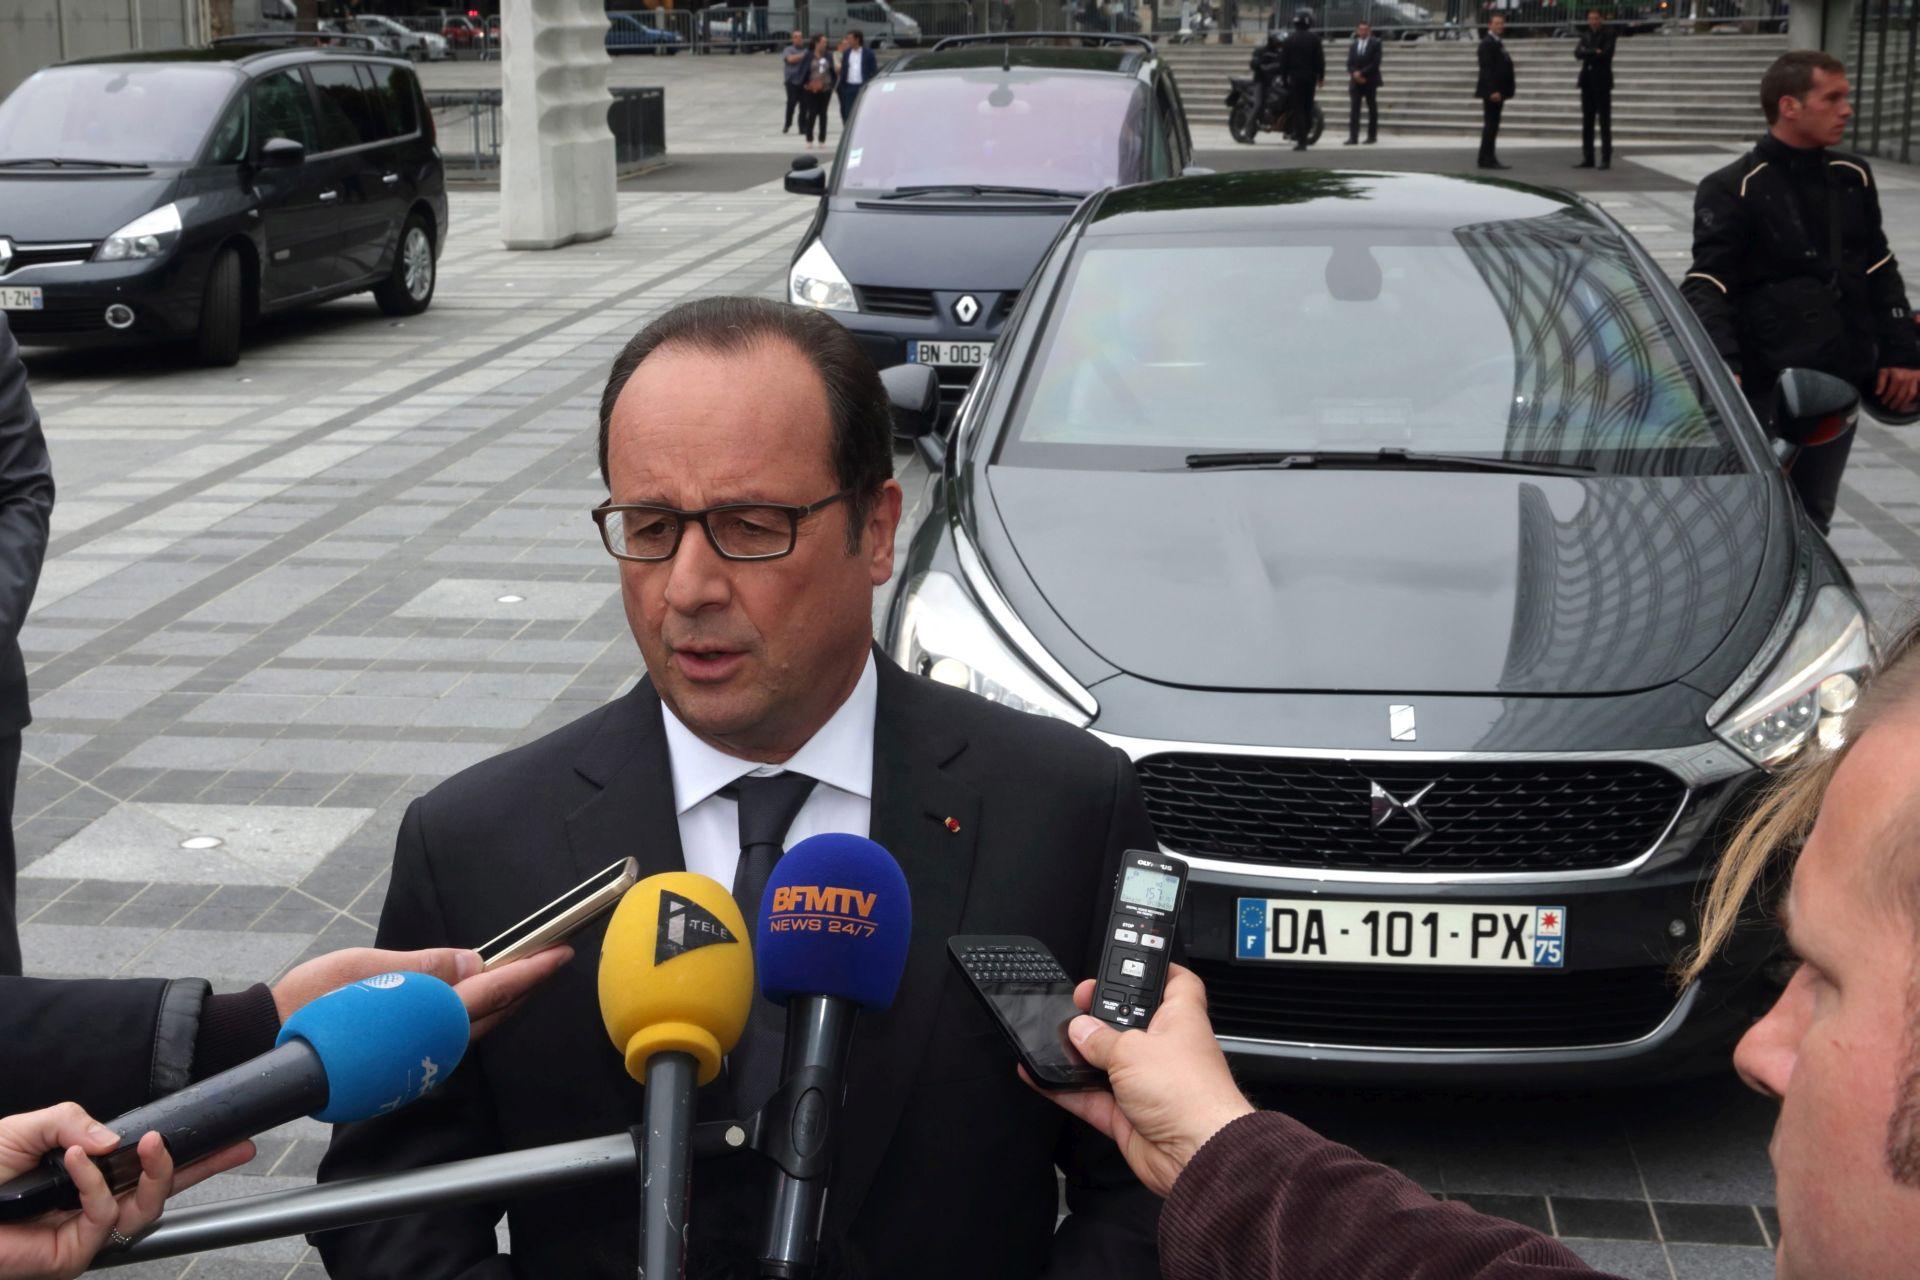 FRANCUSKA NA NOGAMA Hollande: Američko špijuniranje neprihvatljivo